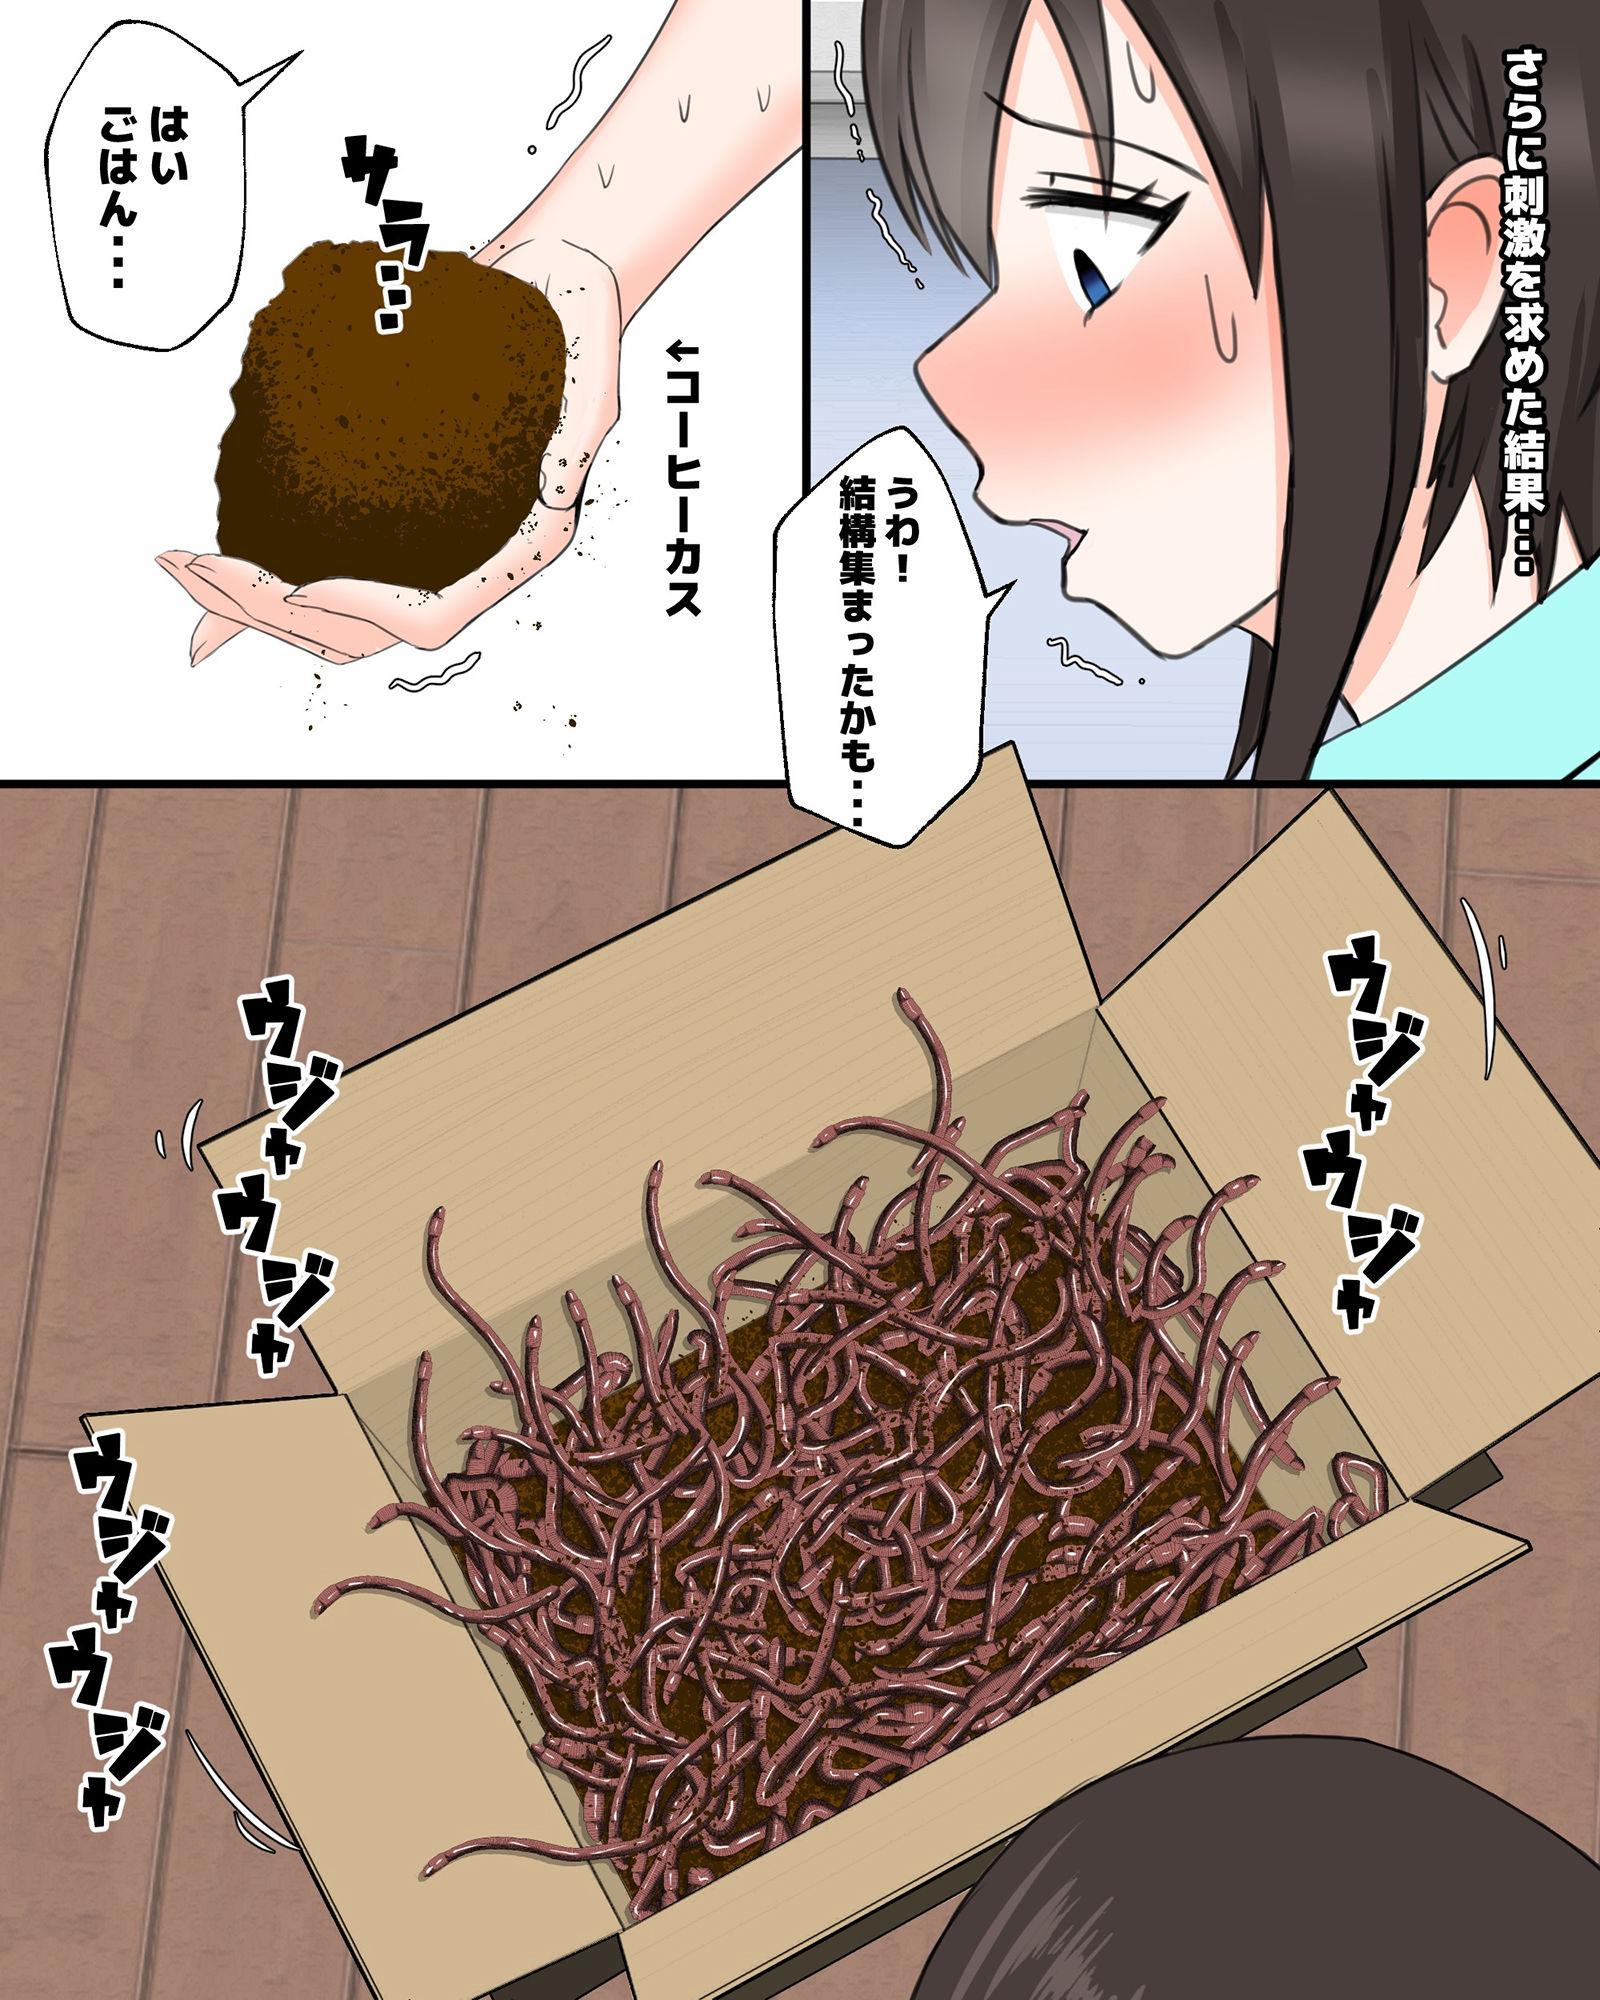 蟲撫~ミミズ編~のサンプル画像3